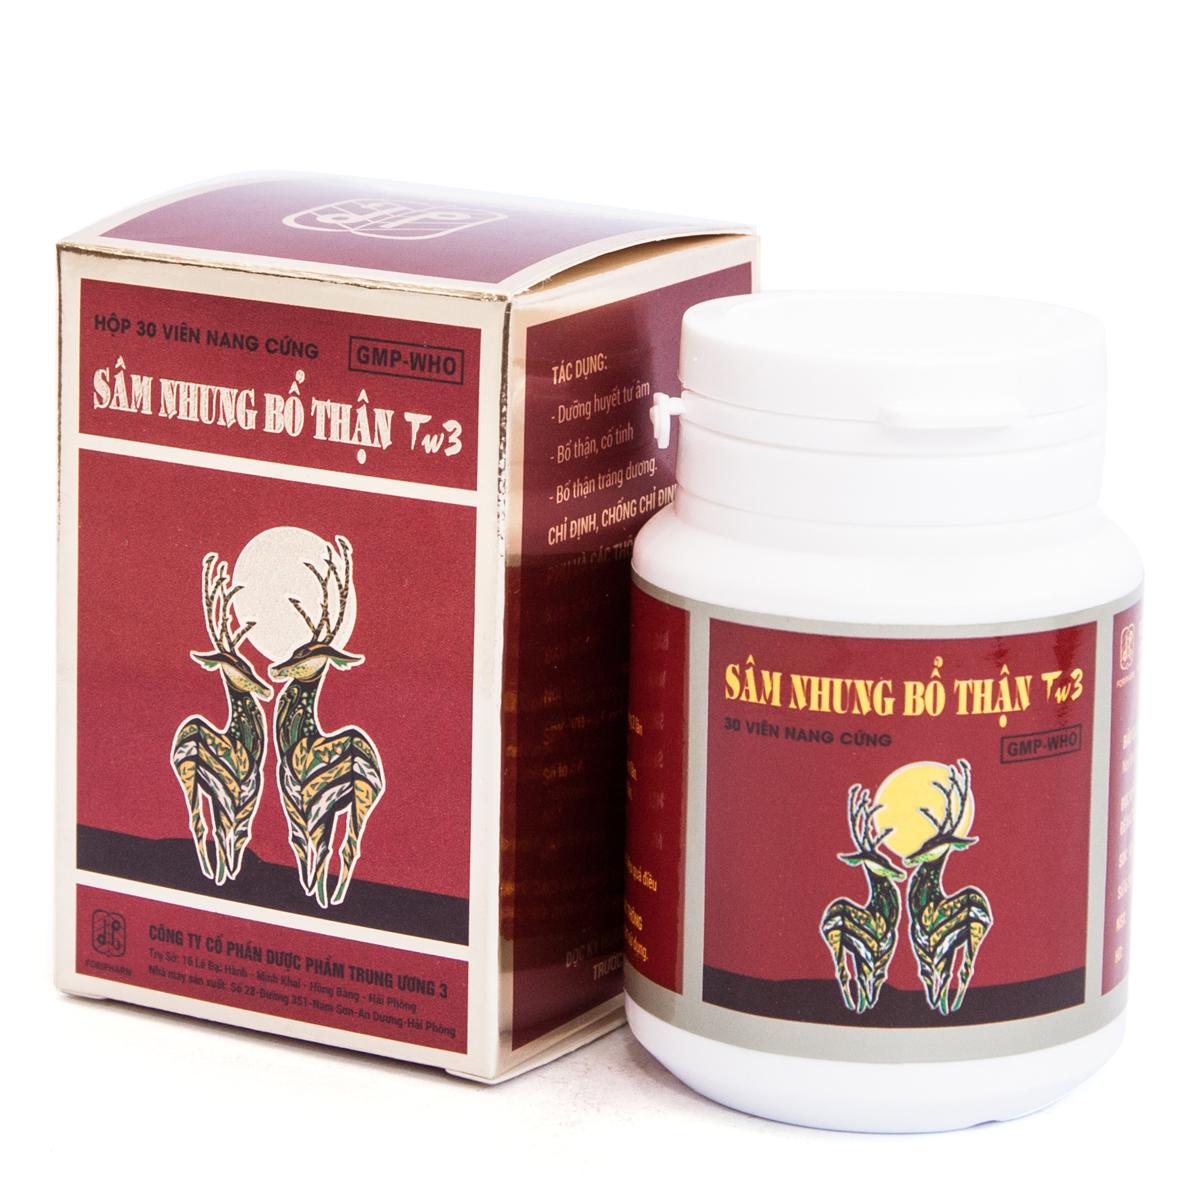 Thuốc sâm nhung bổ thận TW3 có tốt không, giá bao nhiêu?-1